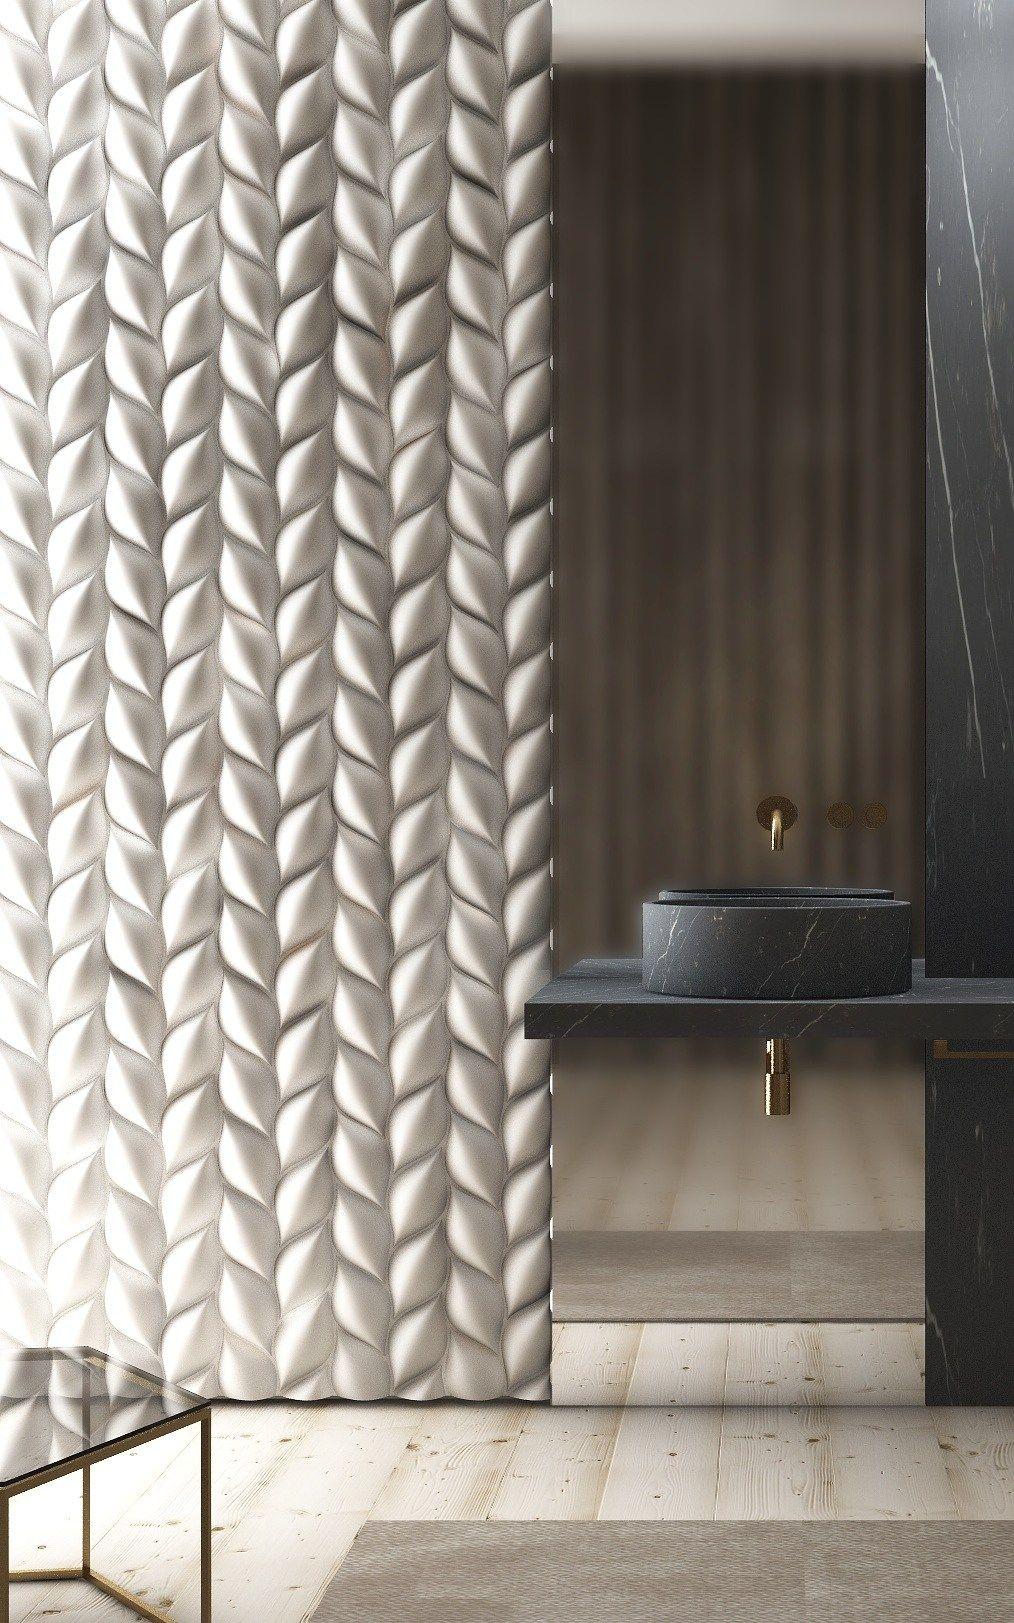 3D Wandpaneel | bad | Pinterest | Badezimmer, Wandverkleidung und ...